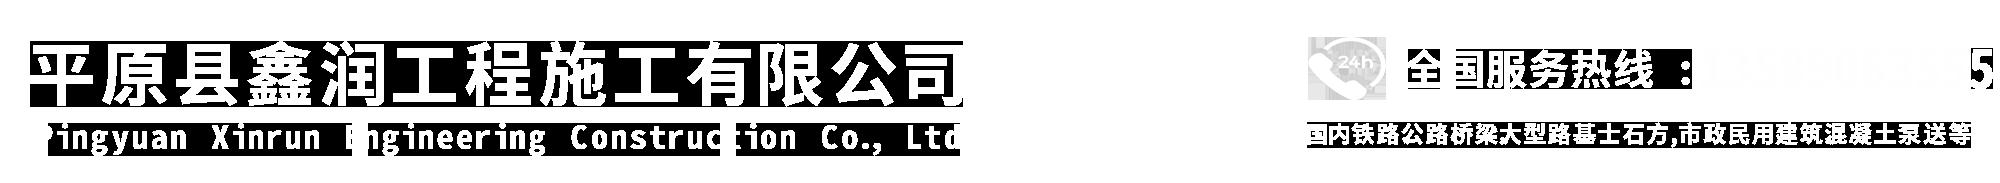 平原县鑫润工程施工有限公司